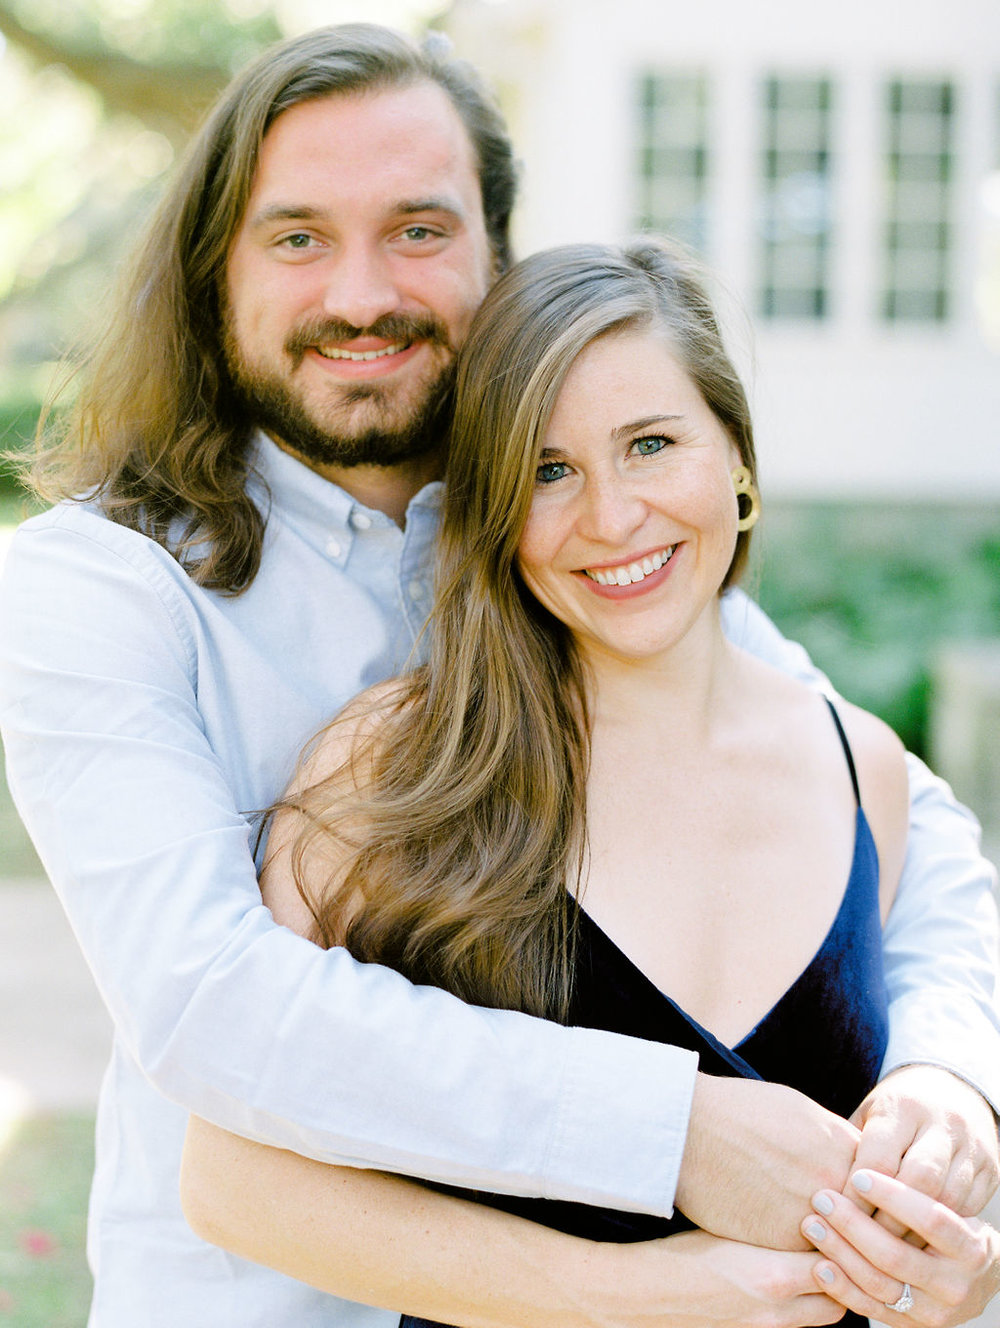 Austin-Film-Wedding-Engagement-Photographer-Mattie's-Green-Pastures-2.jpg